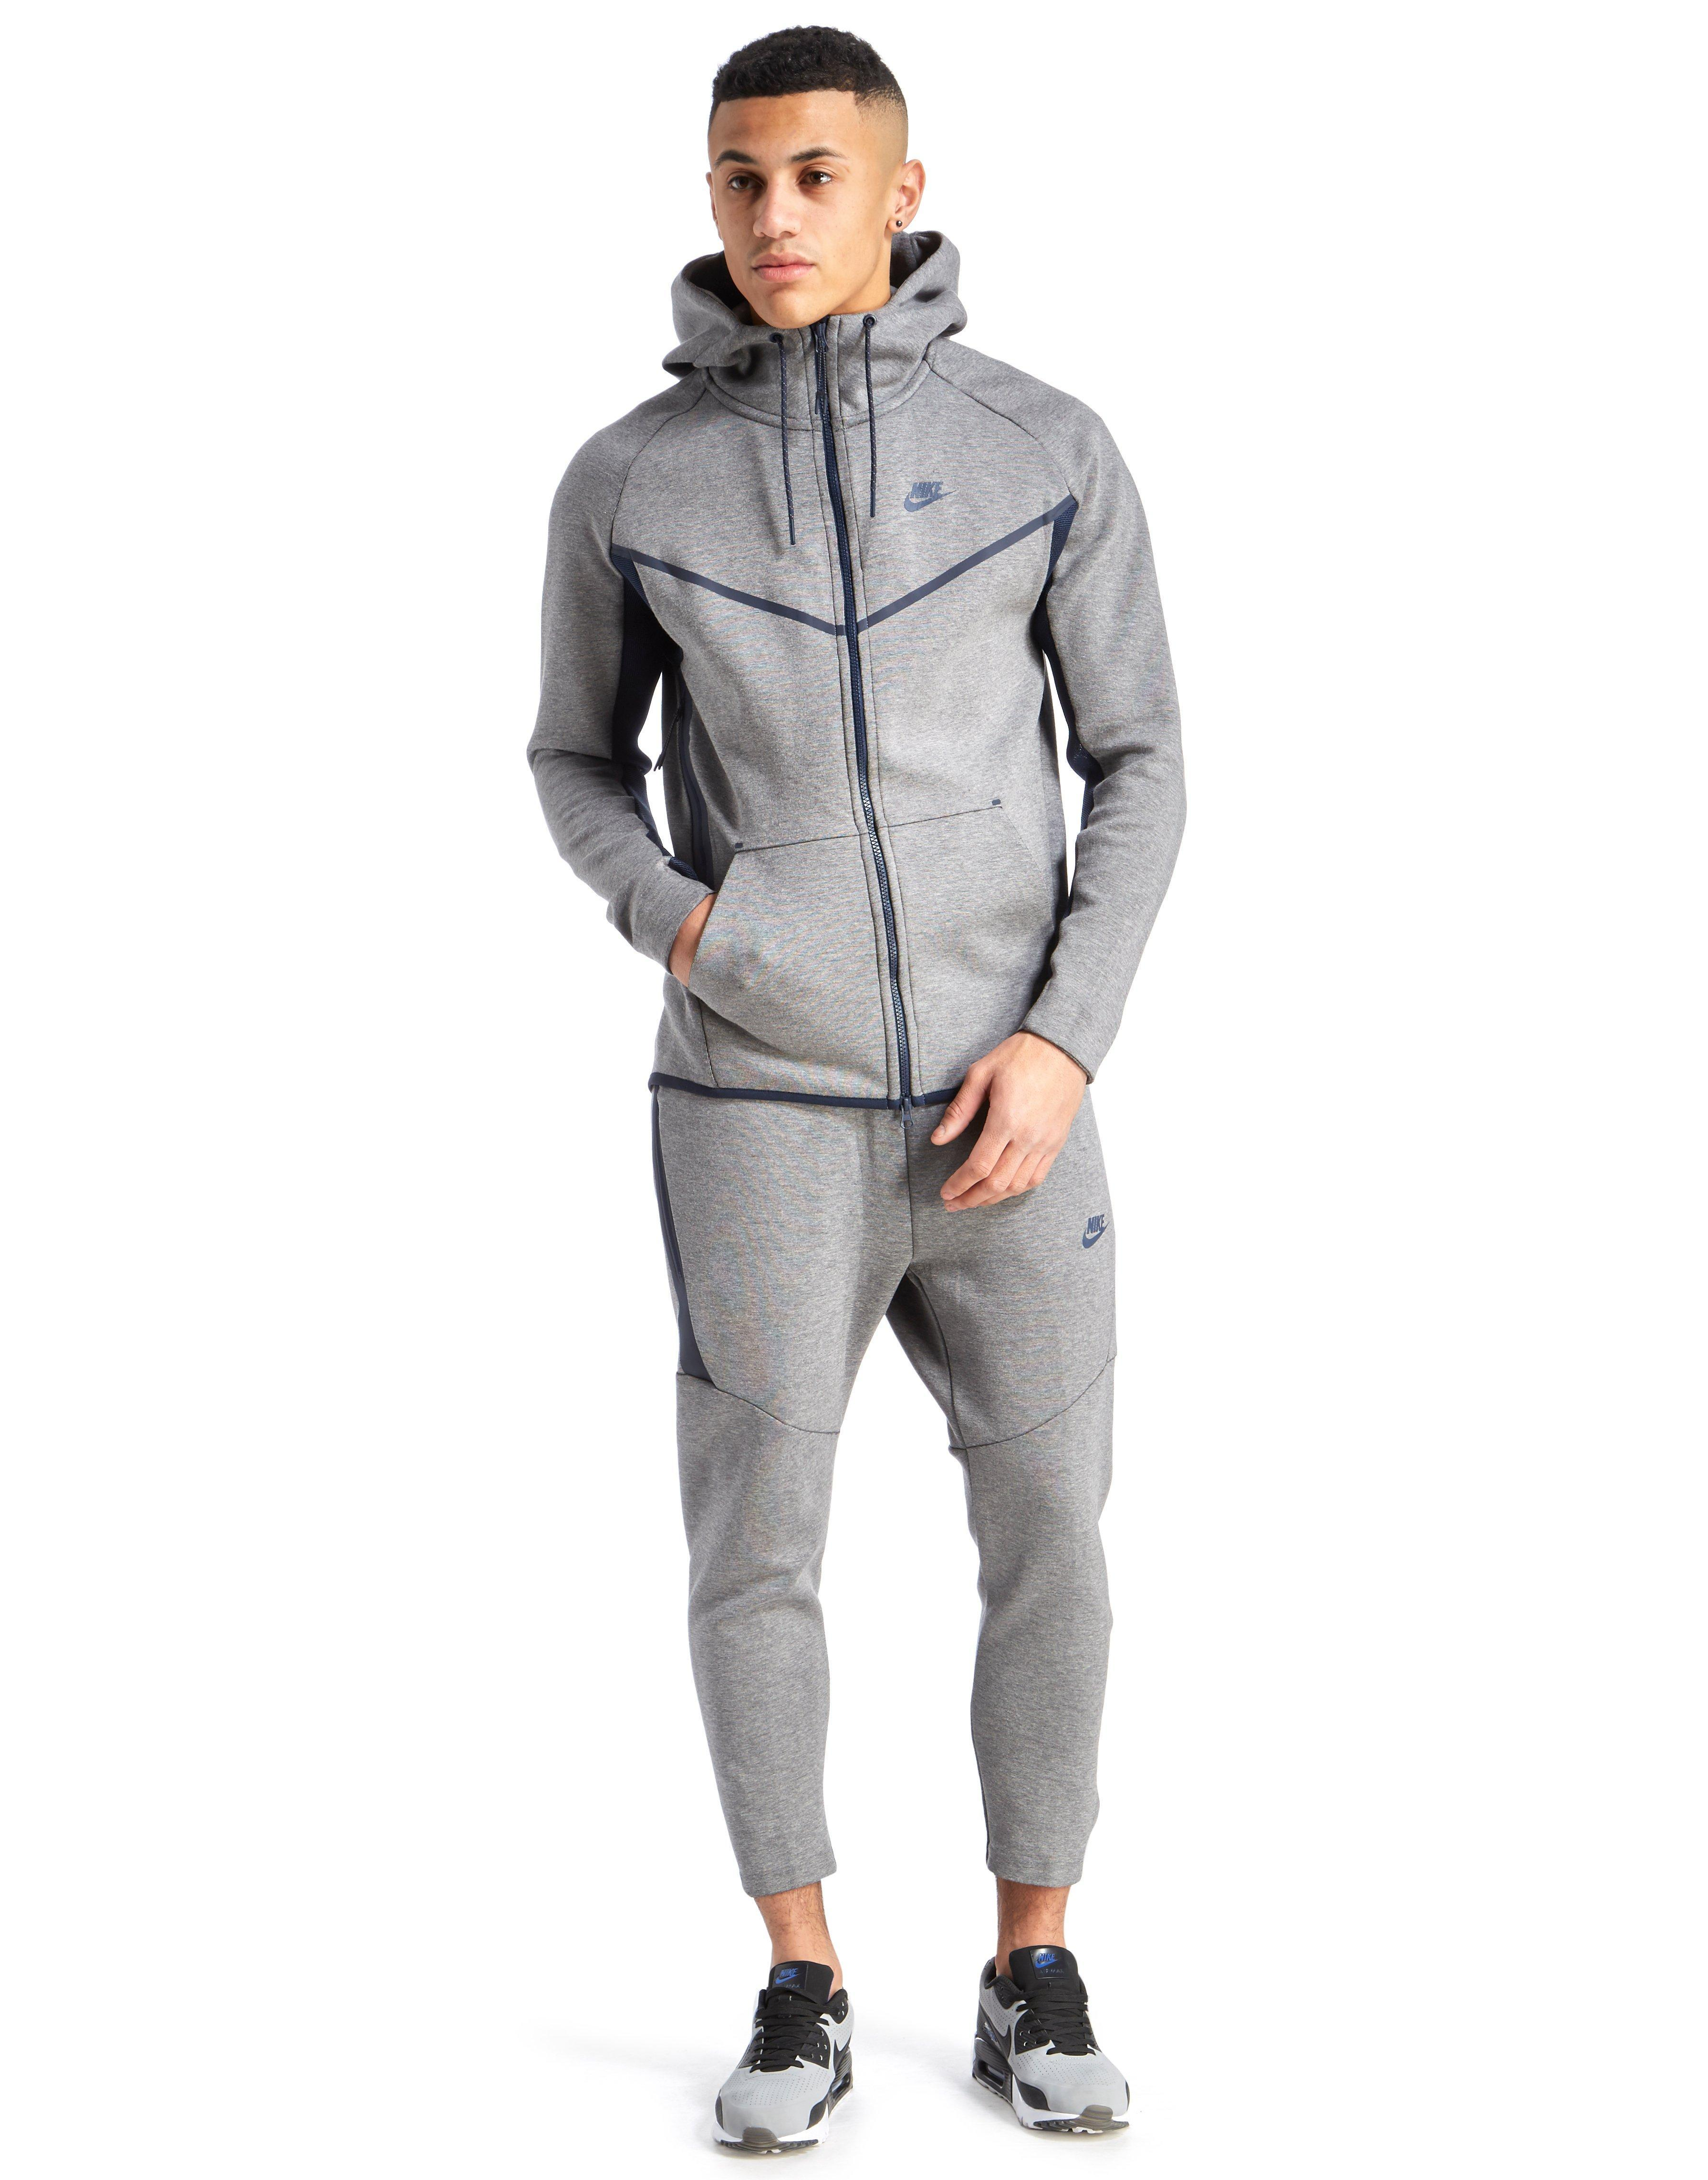 Nike Tech Fleece Crop Pants In Grey Gray For Men Lyst